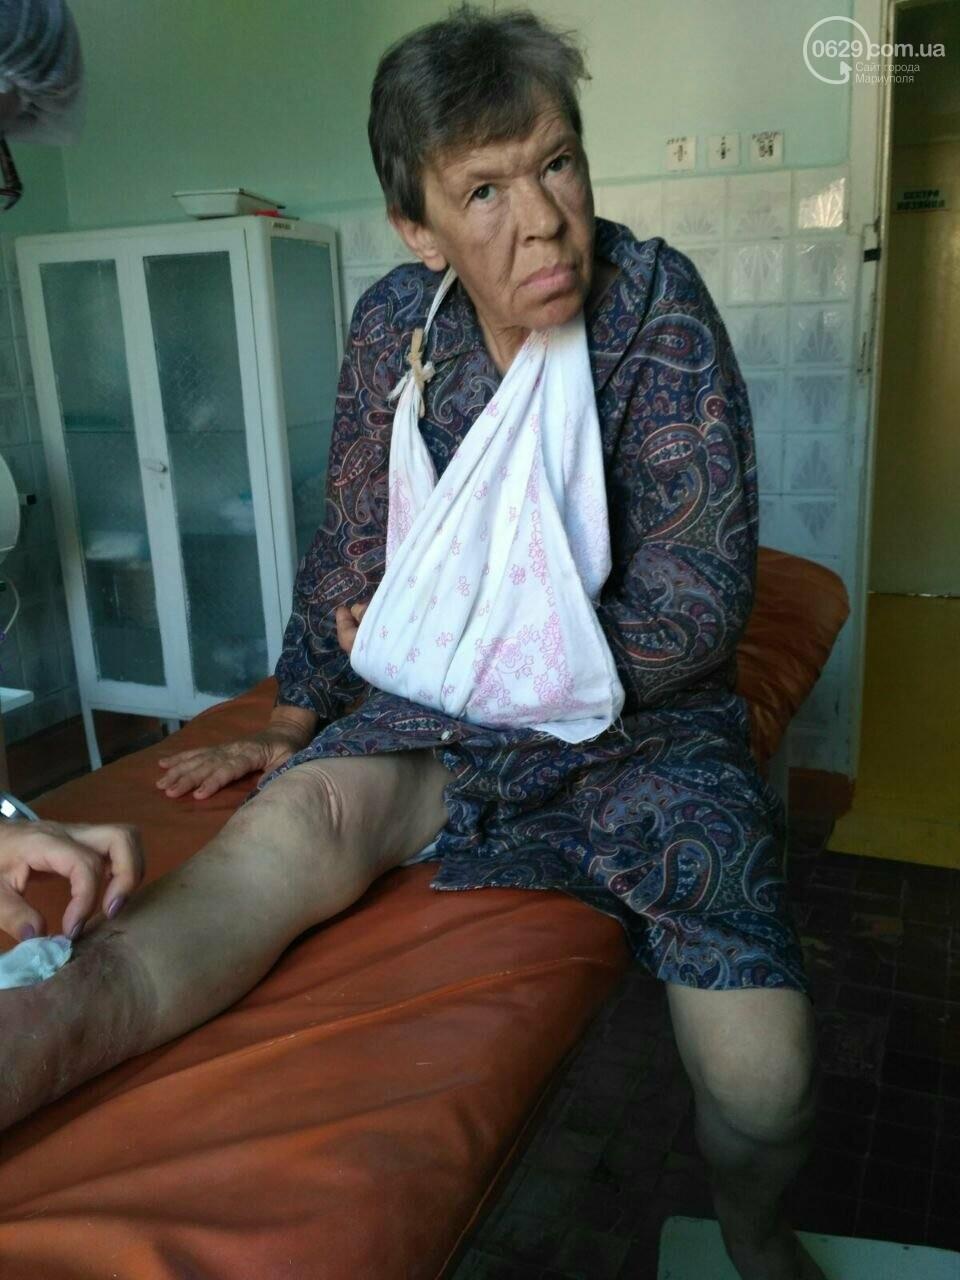 Цена страданий — 600 грн. В Мариуполе онкобольная женщина не может получить обезболивающее, - ФОТО, фото-1